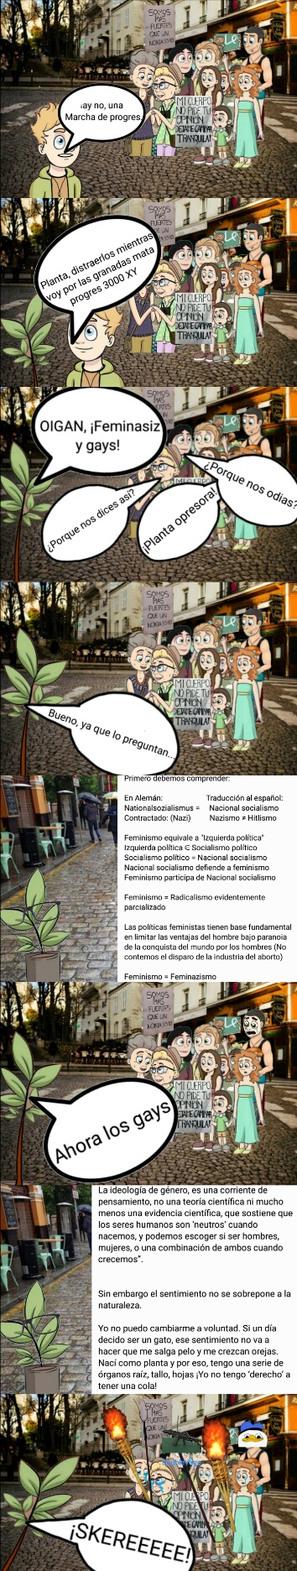 Si llega a Top diario habrá parte 2 - meme